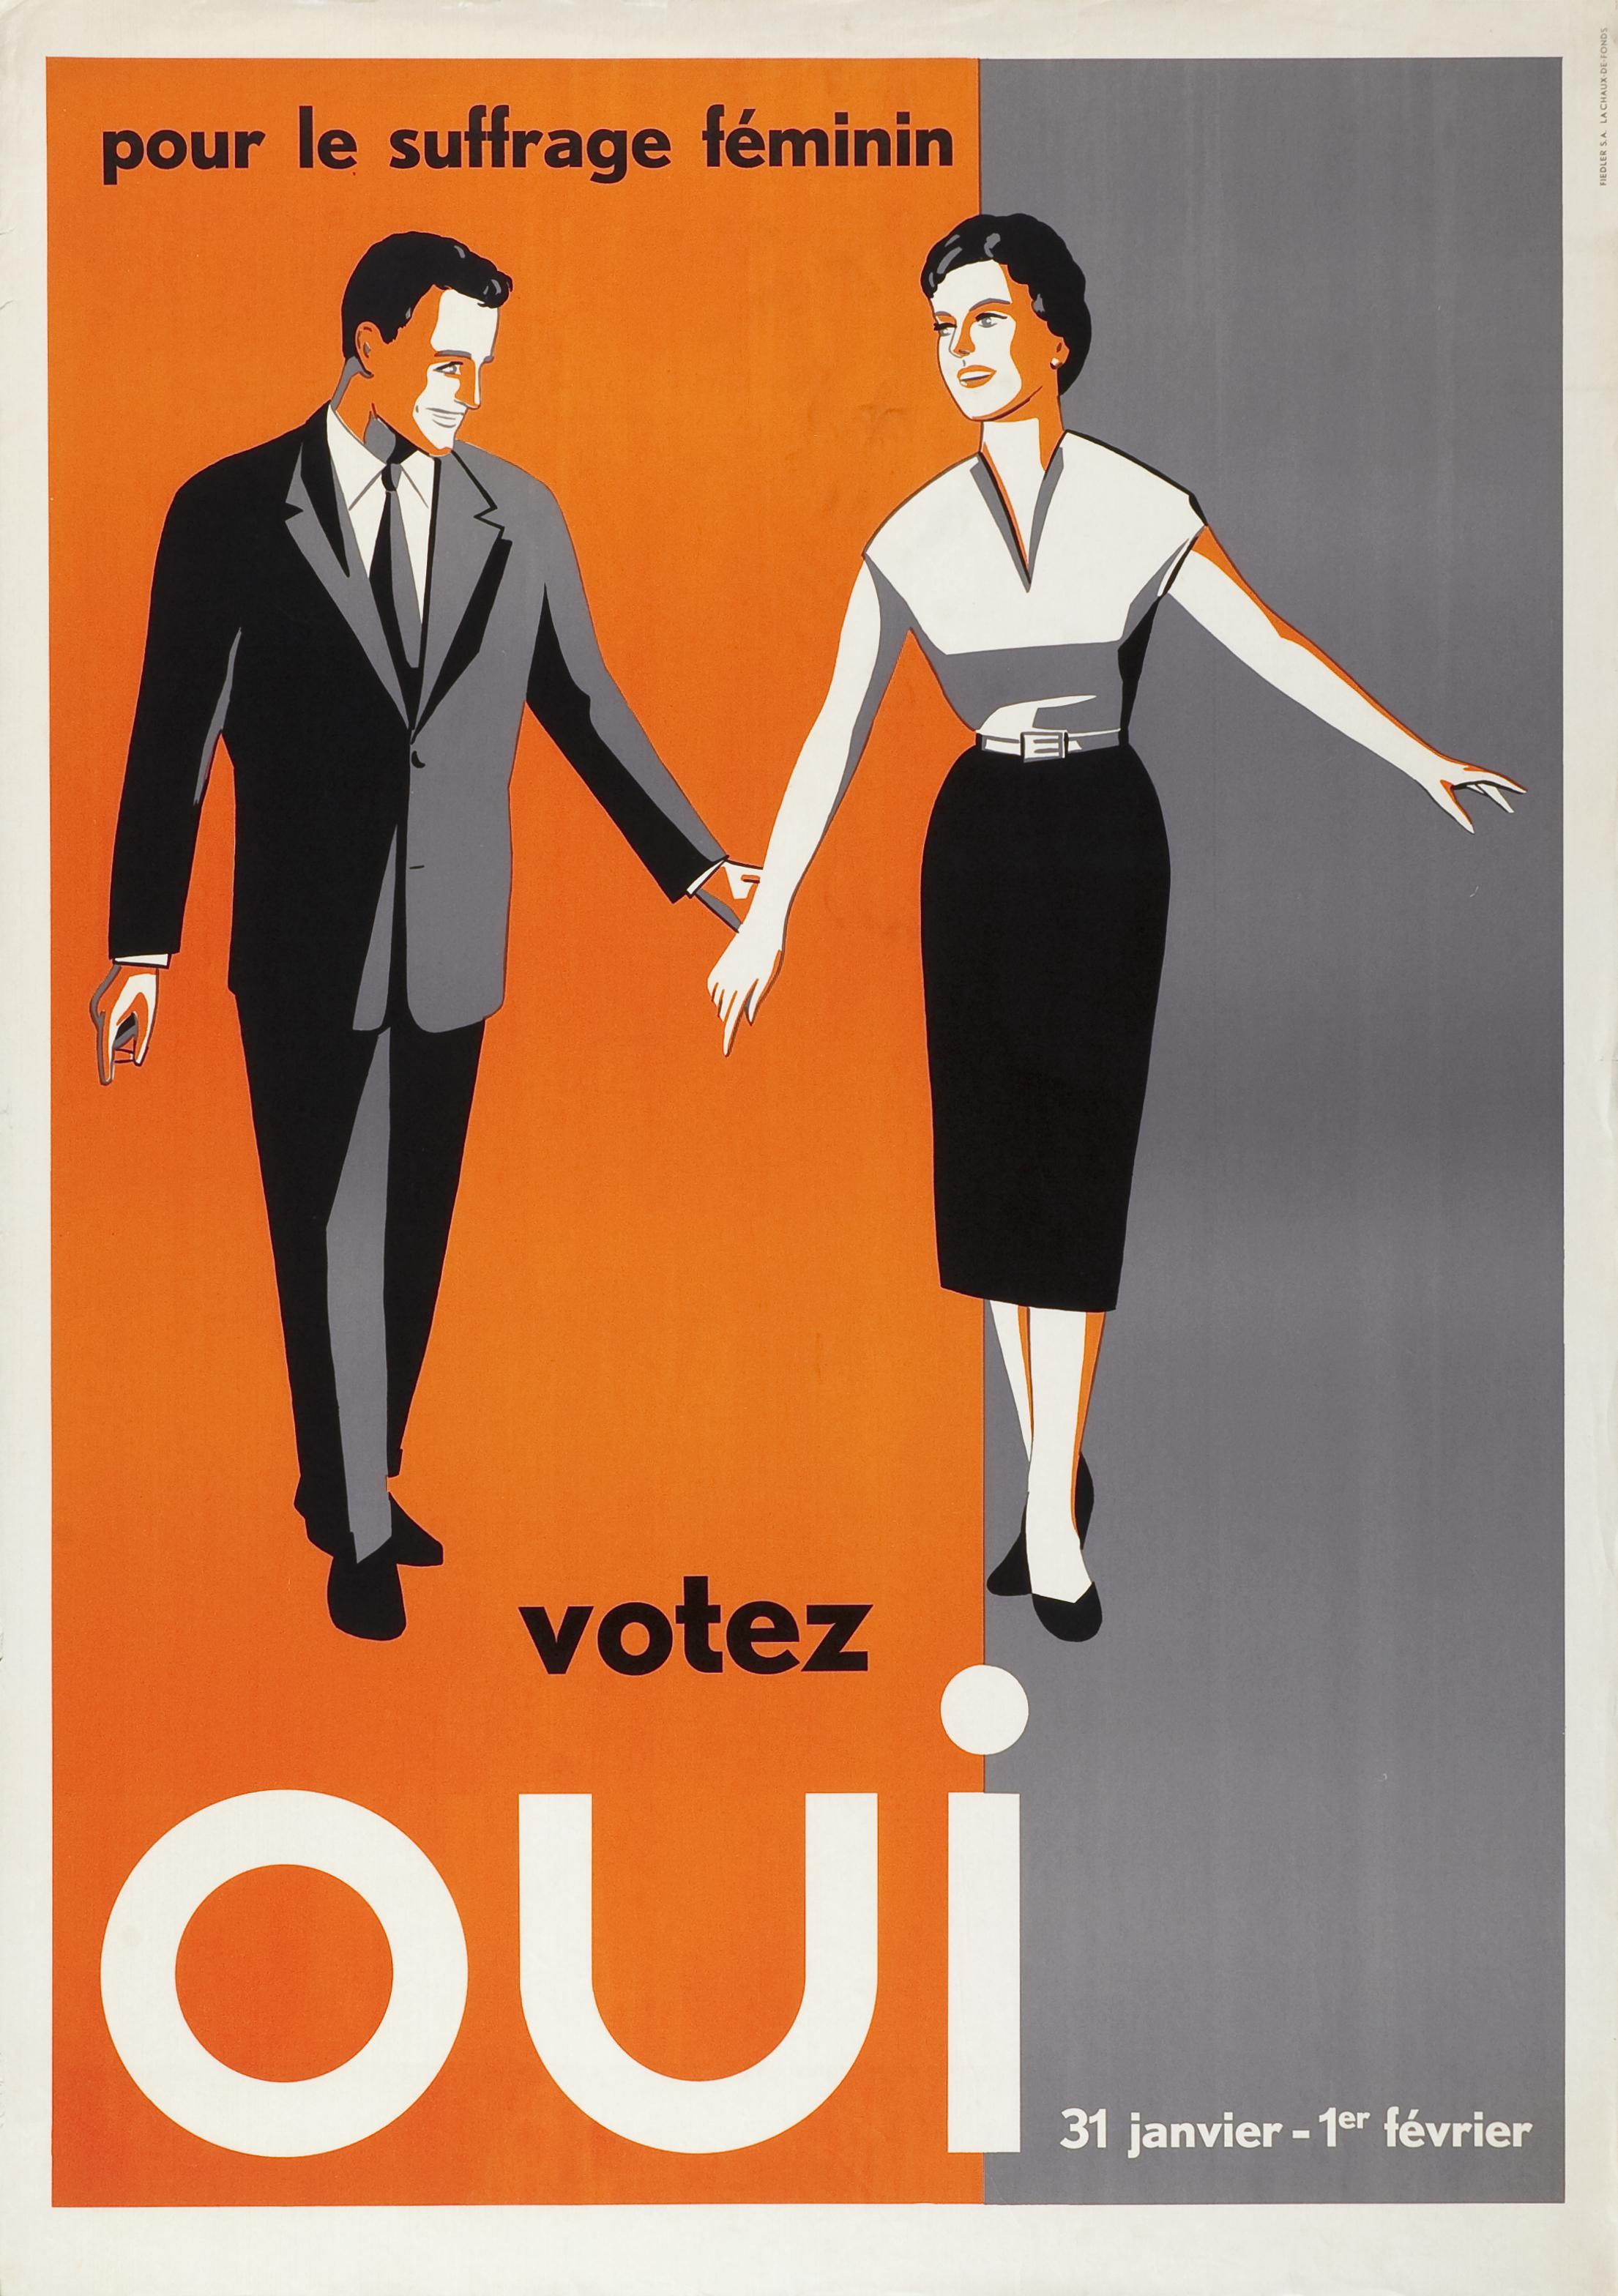 Pour le suffrage féminin votez oui, 31 janvier – 1er février (1946)